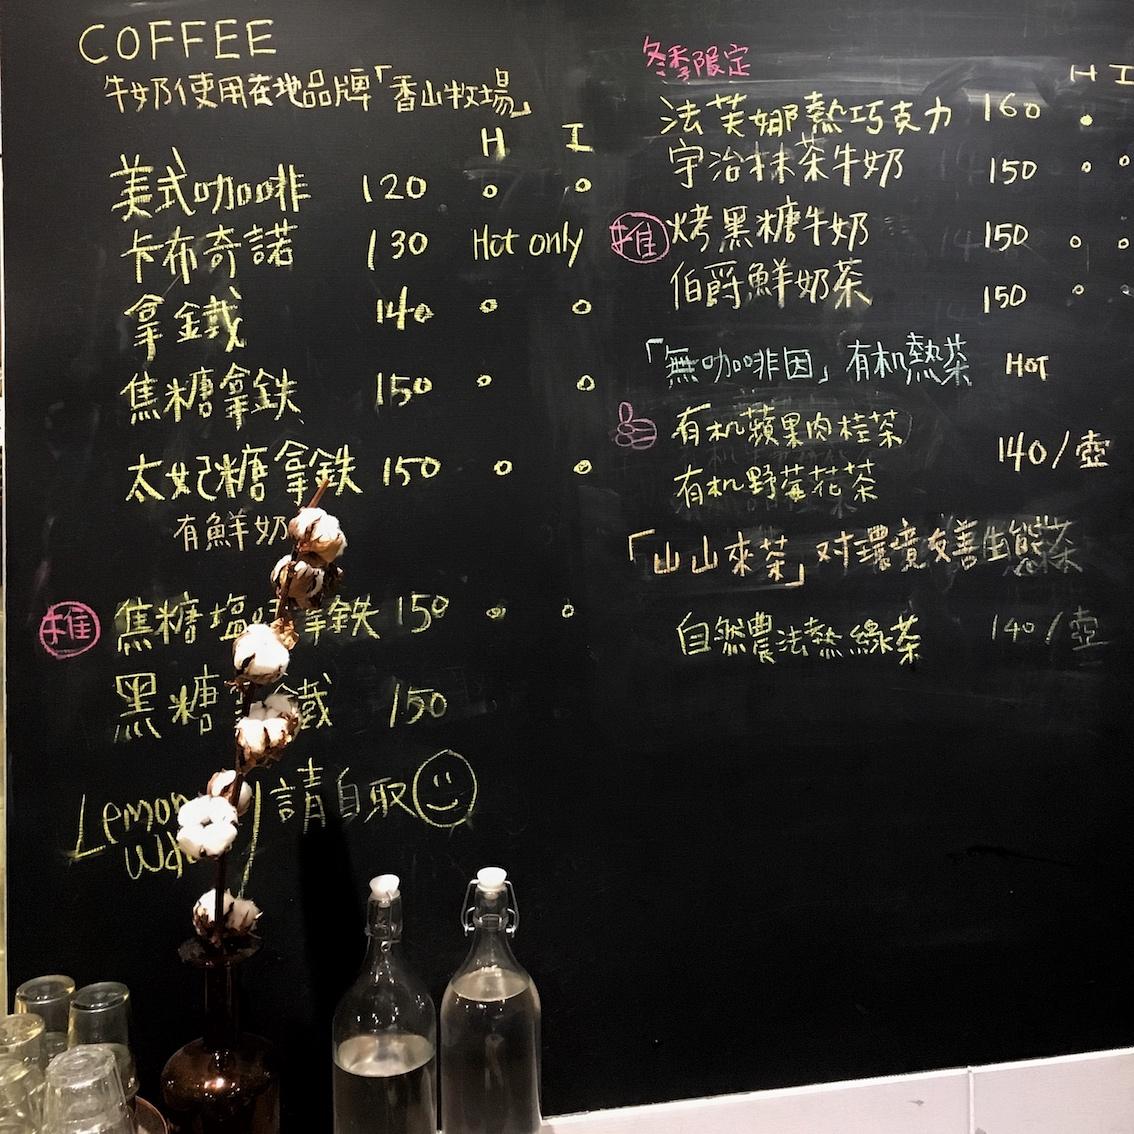 特搜 新竹 咖啡廳 約 姊妹 一起 享受 美好 午茶時光 一百種味道